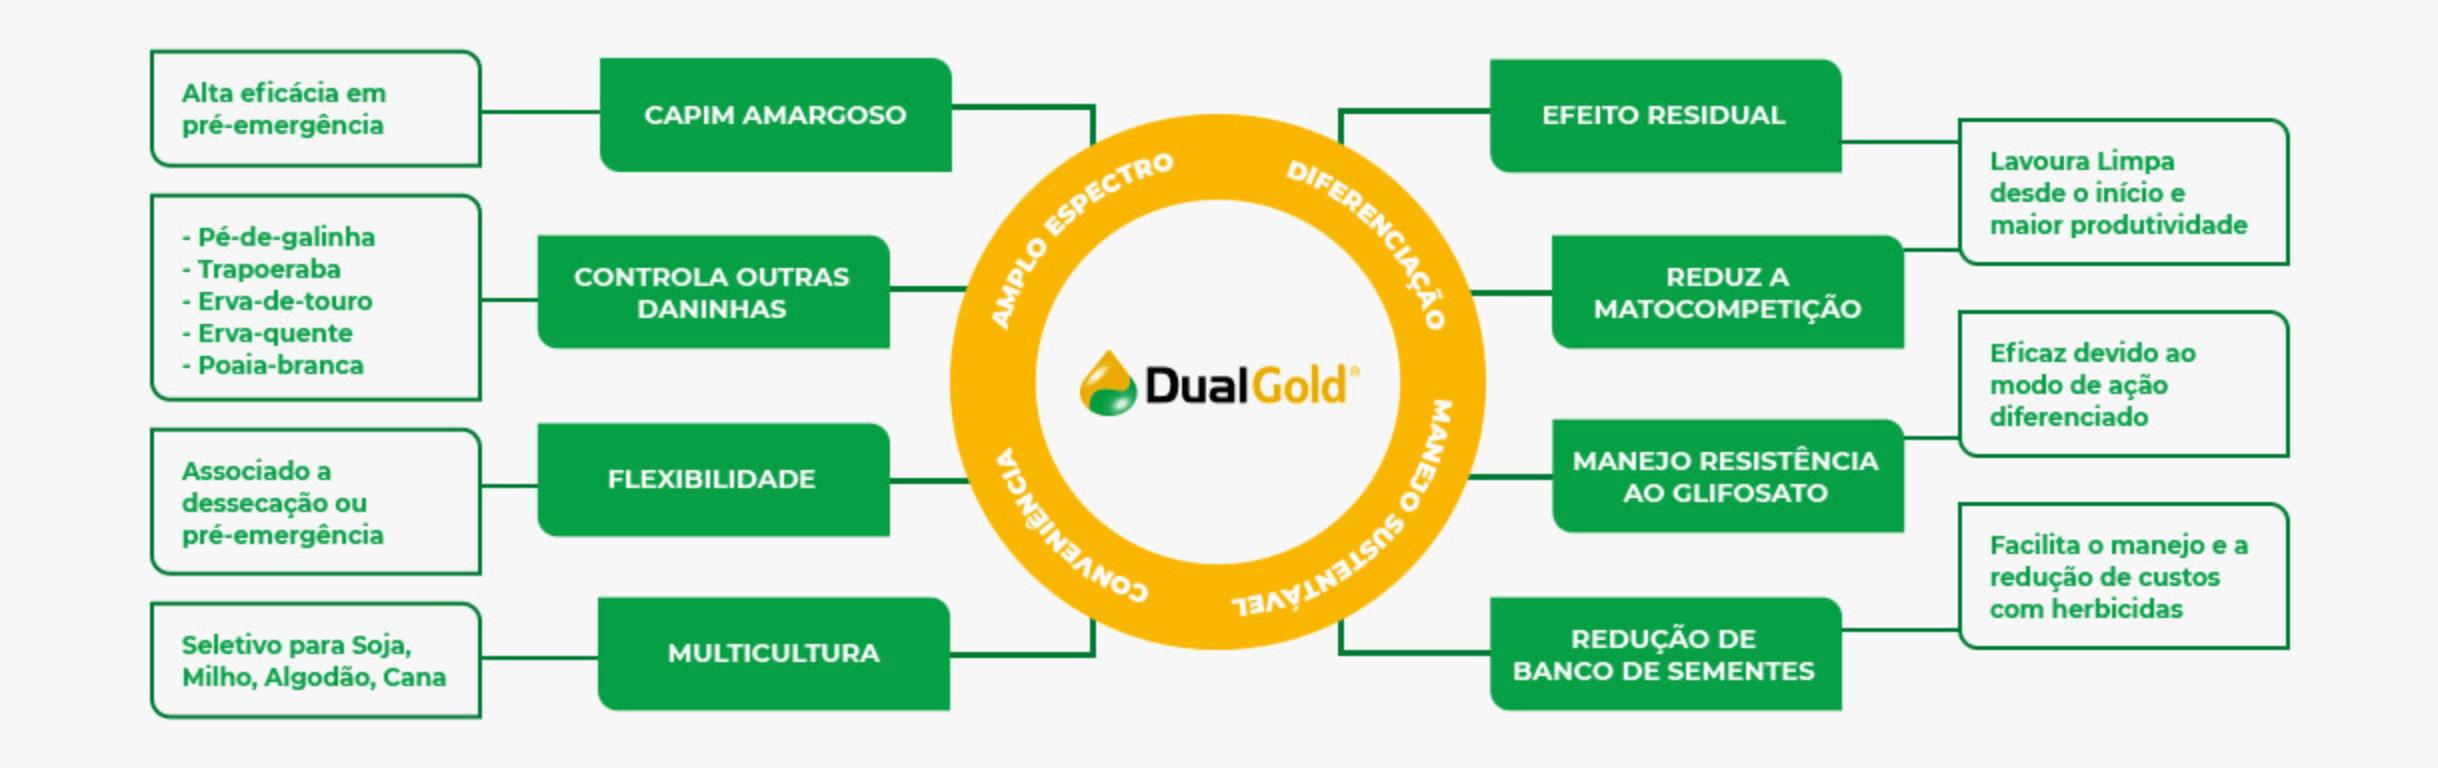 Benefícios do herbicida Dual Gold